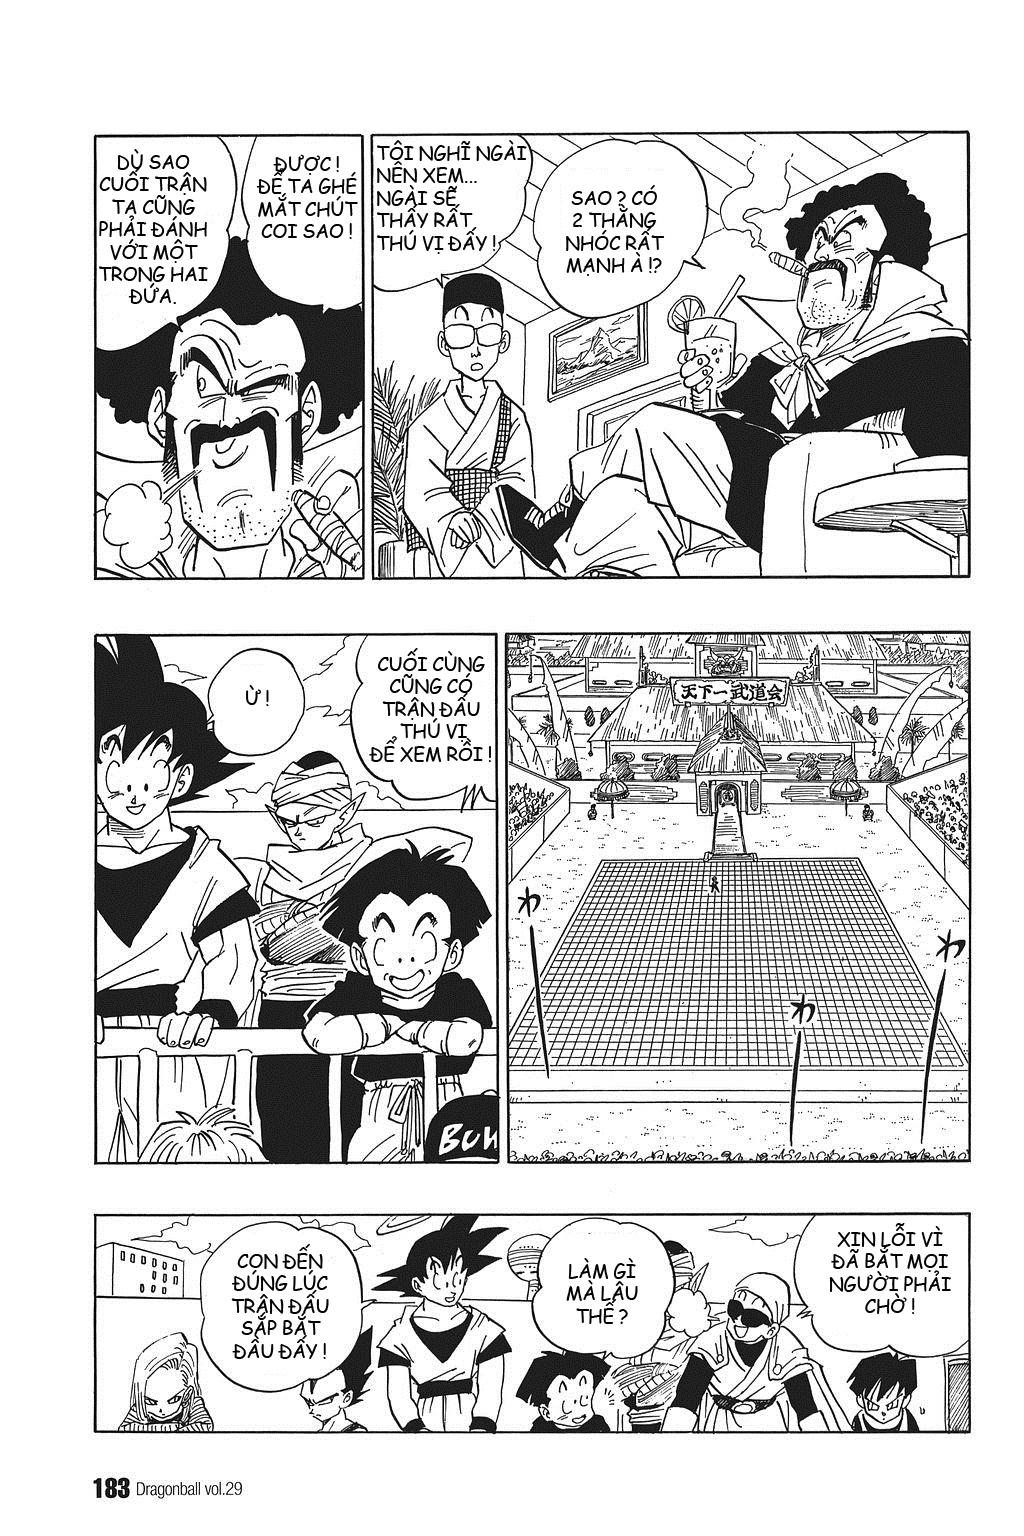 xem truyen moi - Dragon Ball Bản Vip - Bản Đẹp Nguyên Gốc Chap 433